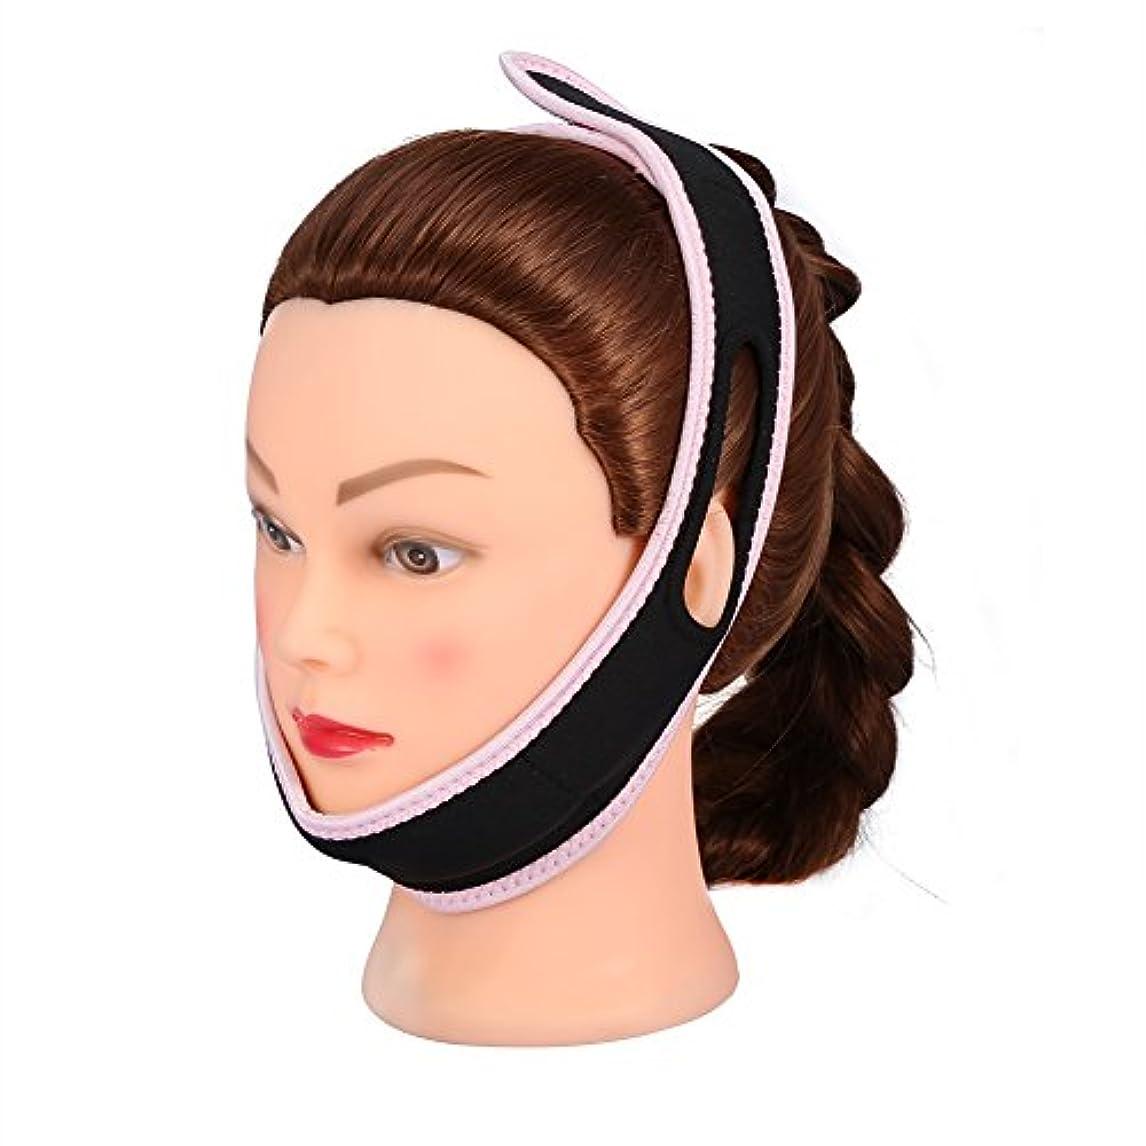 似ている意外案件顔の包帯フェイシャルスリミングマスクナイロン&ポリエステルフェイスケアのための薄い首の顔リフトダブルチン女性、黒